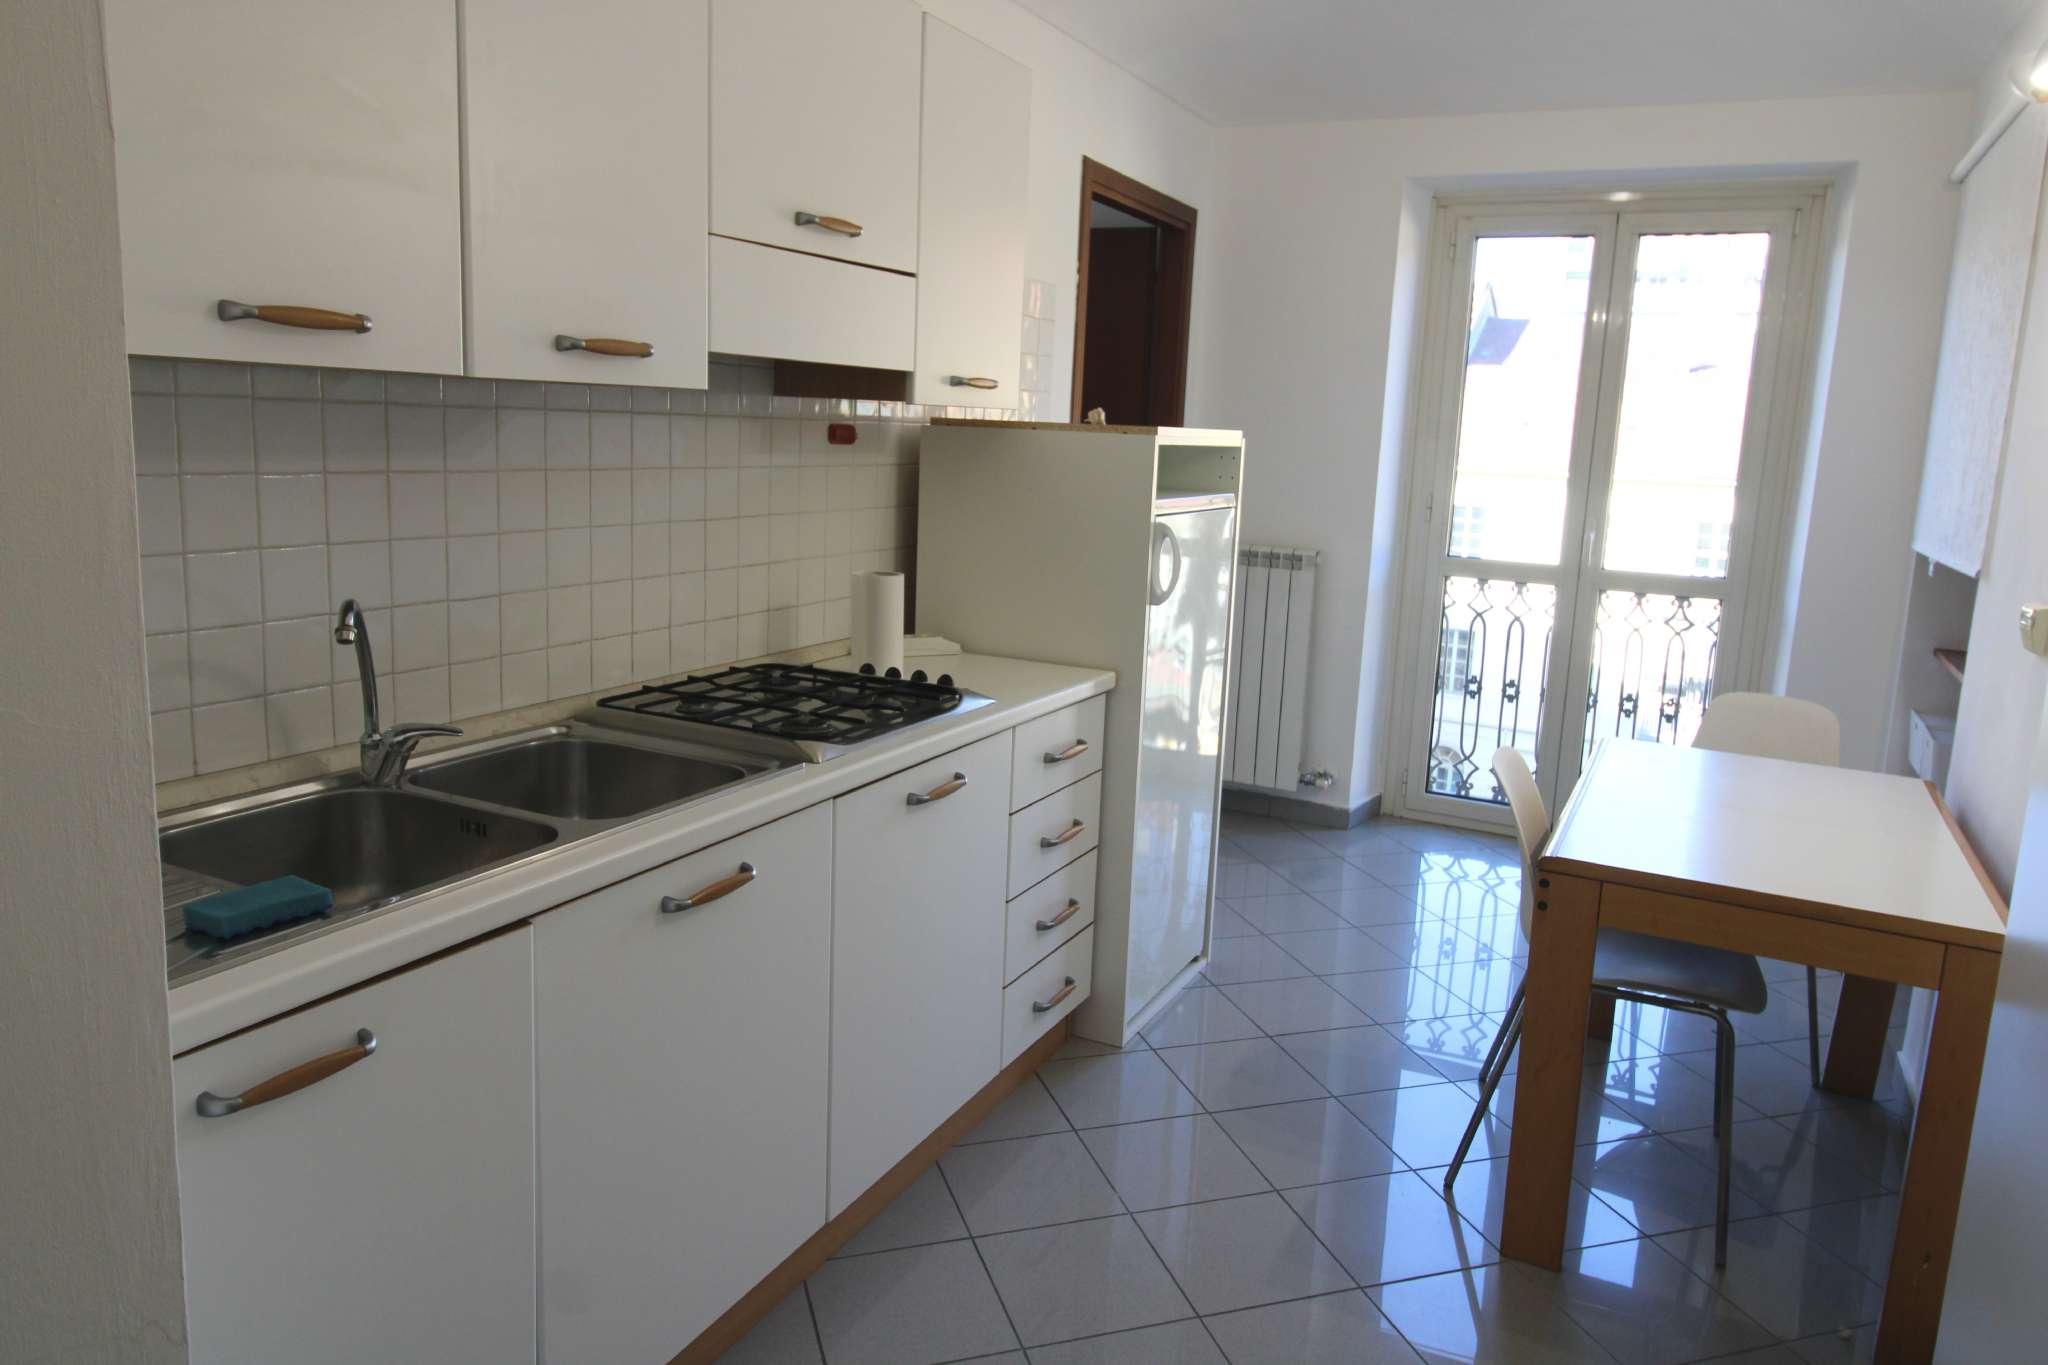 Appartamento in affitto a Torino, 2 locali, zona San Secondo, Crocetta, prezzo € 400 | PortaleAgenzieImmobiliari.it